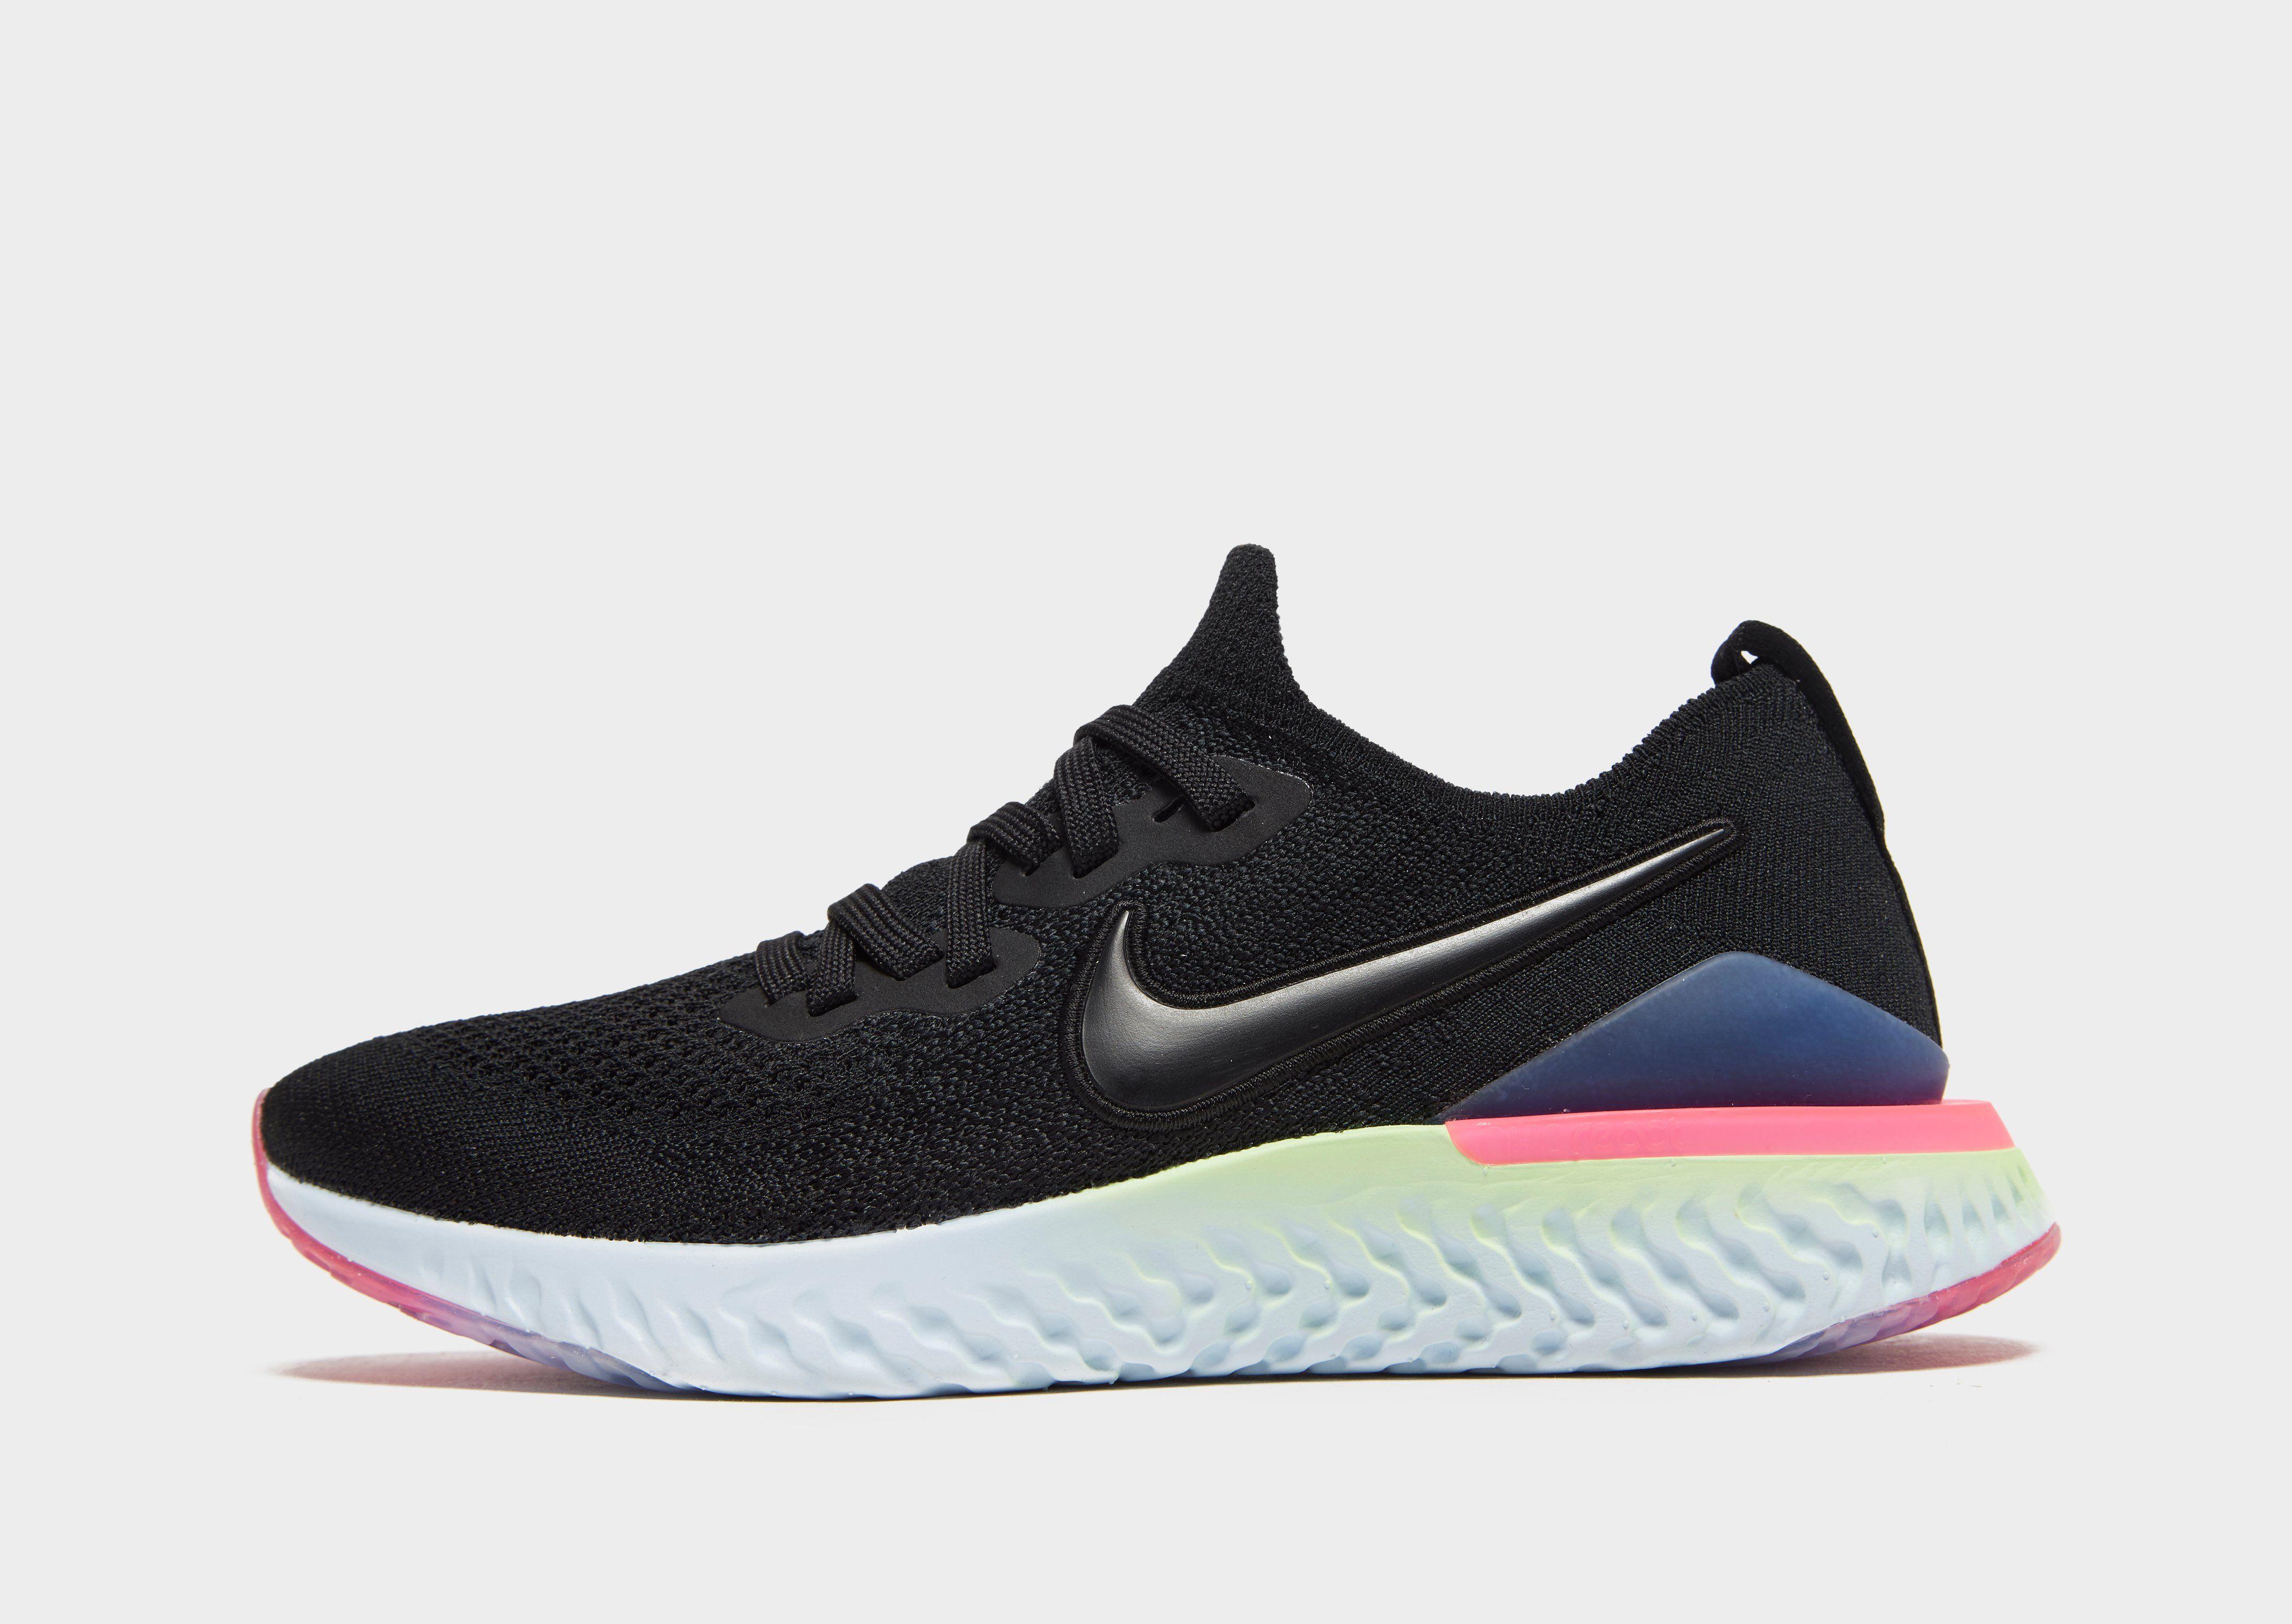 6f6b392c8c4 NIKE Nike Epic React Flyknit 2 Older Kids  Running Shoe